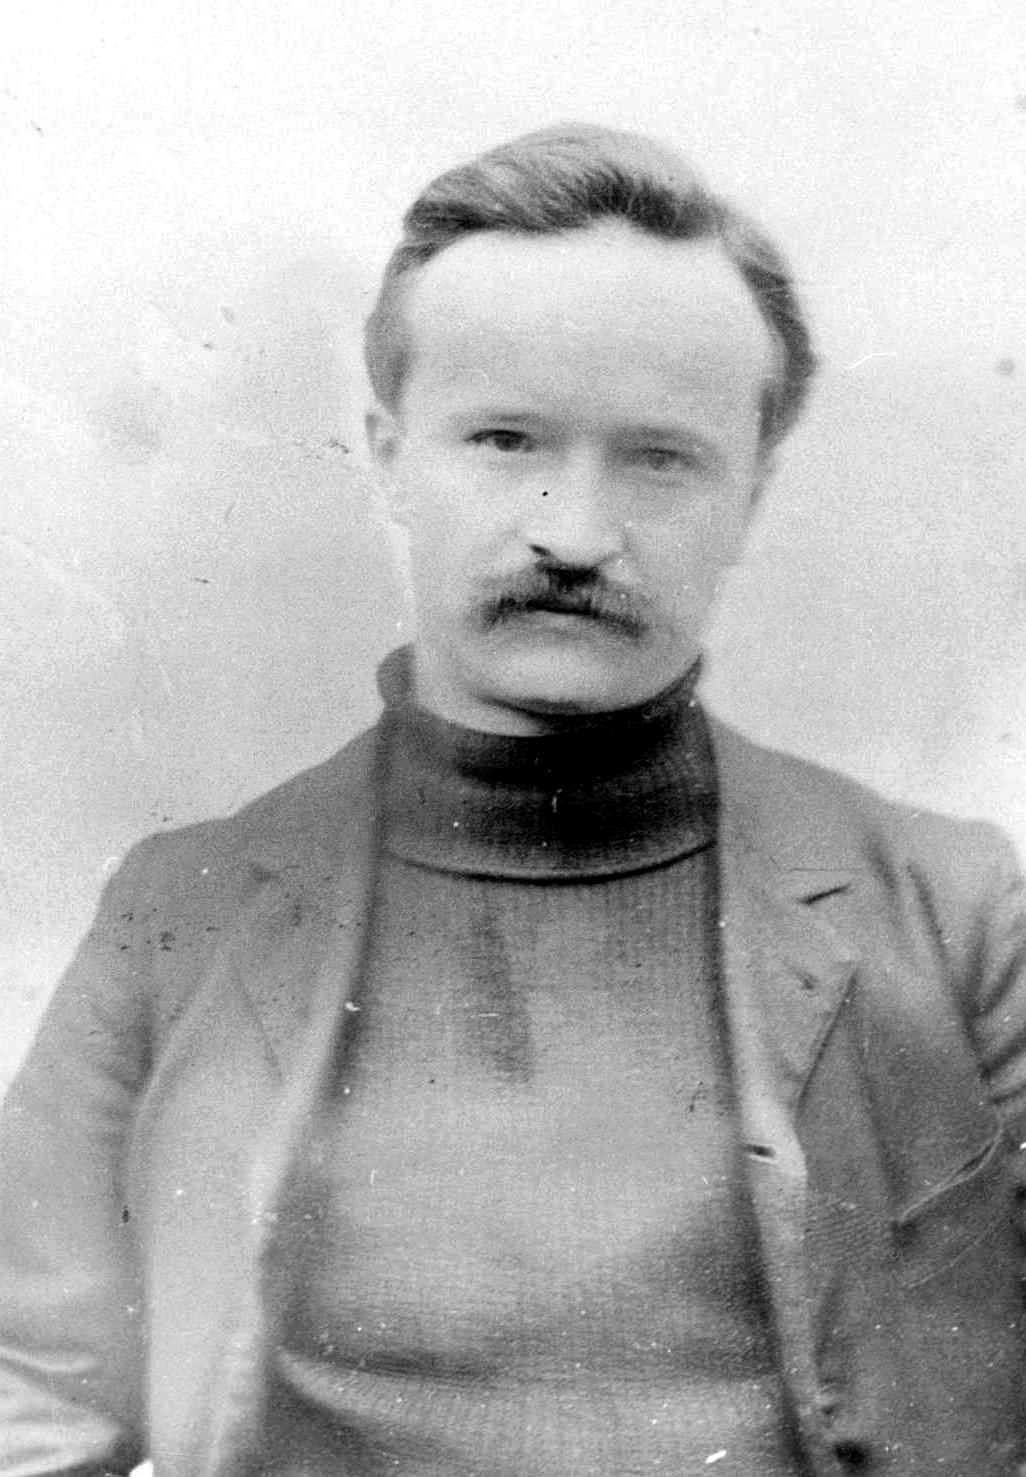 Foto policíaca de Monatte després de la seva detenció per «complot» (1920). Fotografia de Jean-Loup Charmet